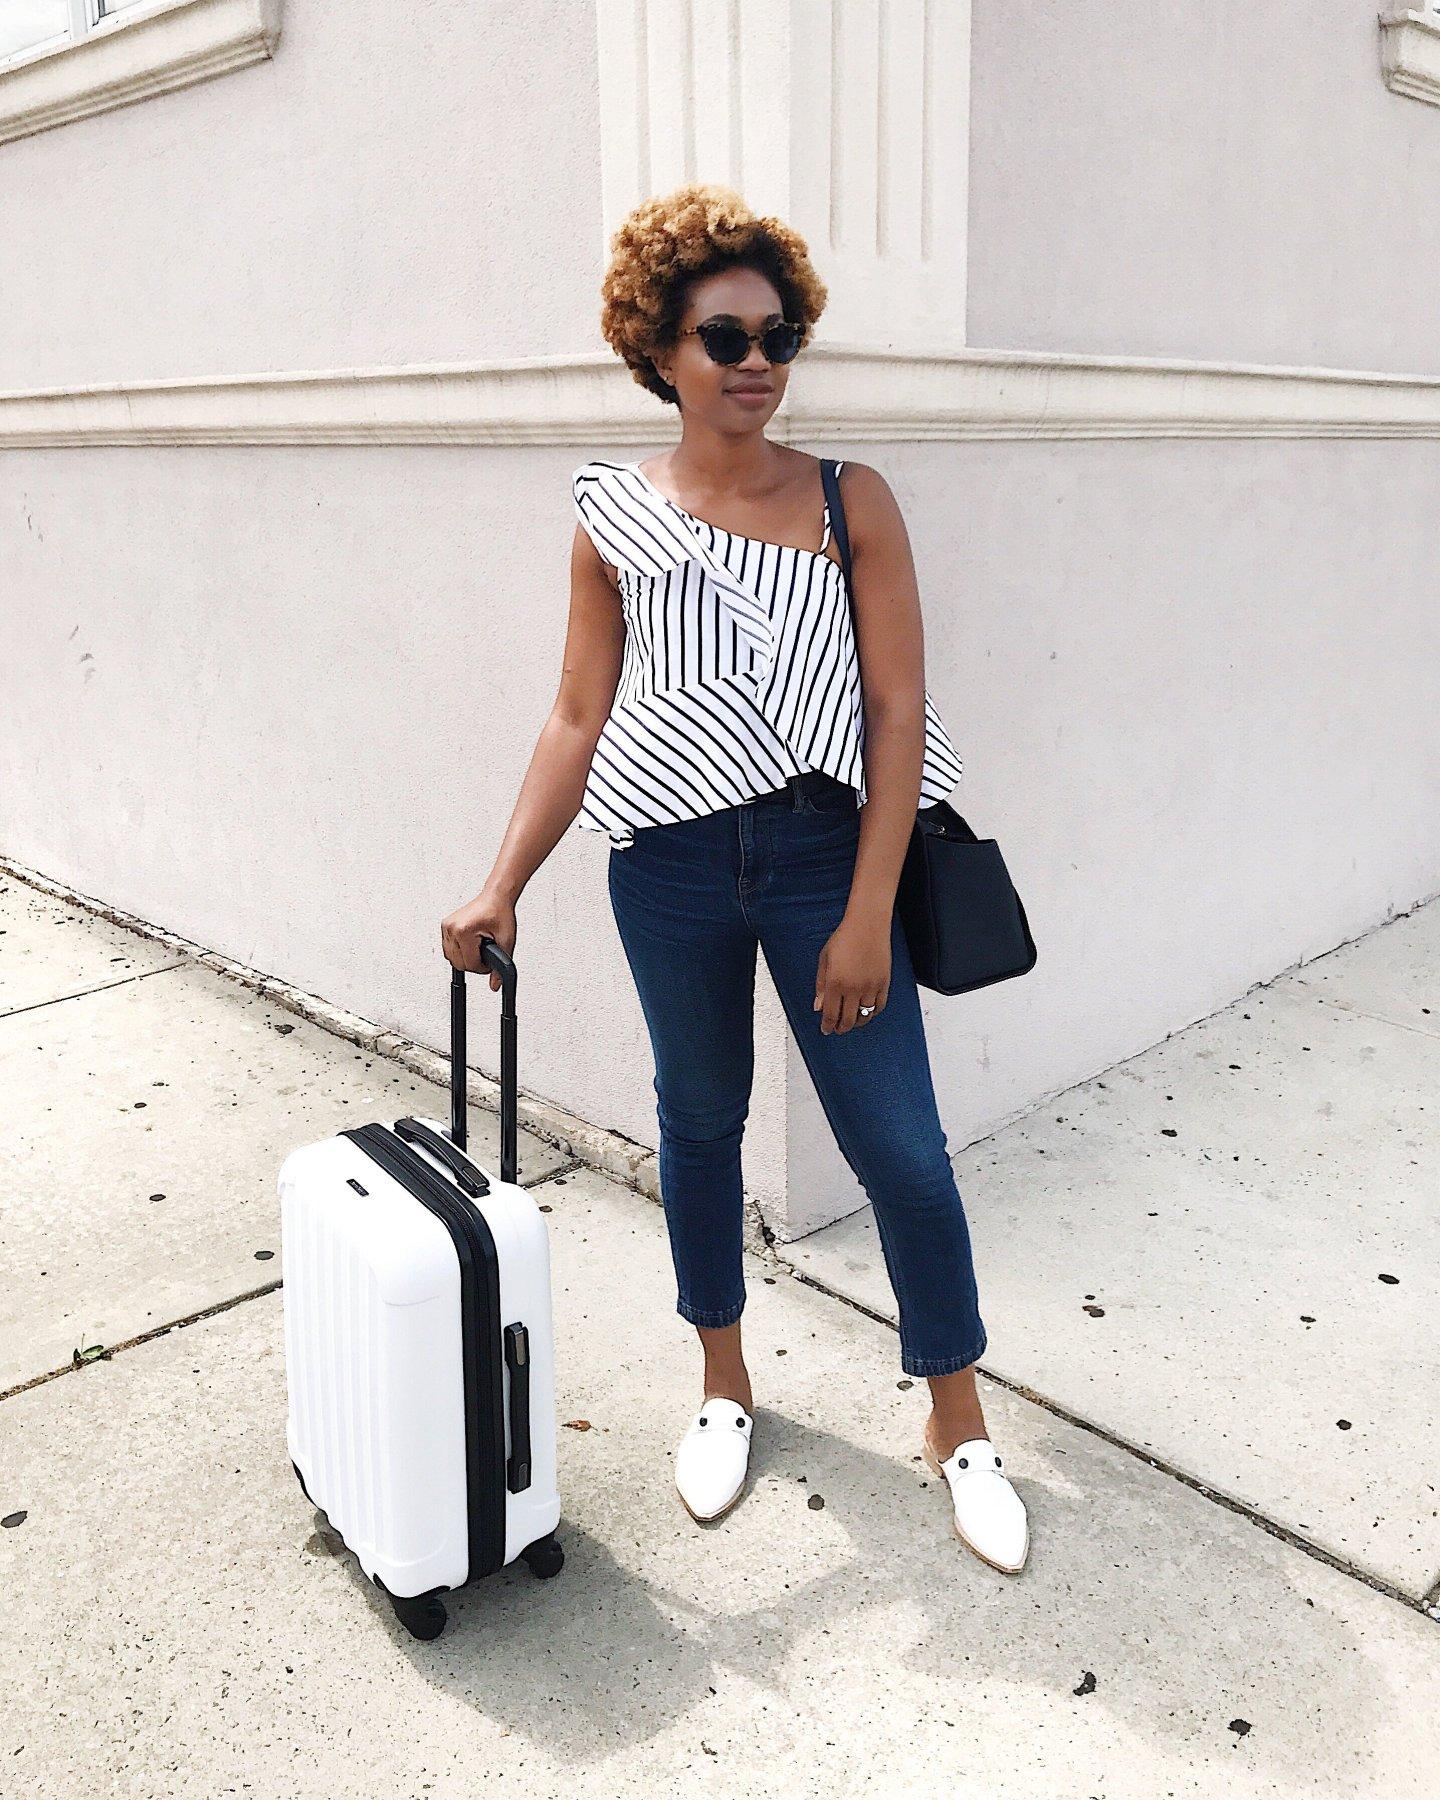 genius pack apex, travel style